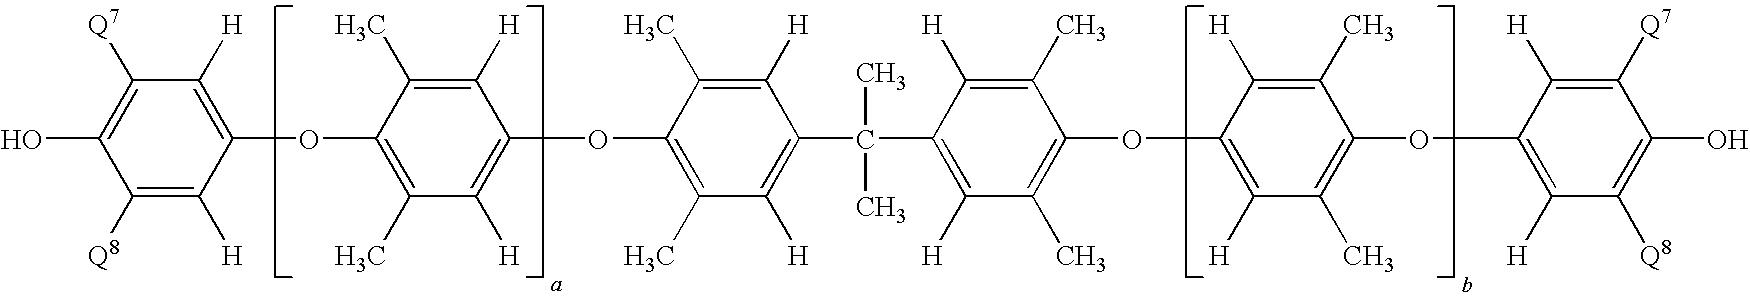 Figure US07655278-20100202-C00001